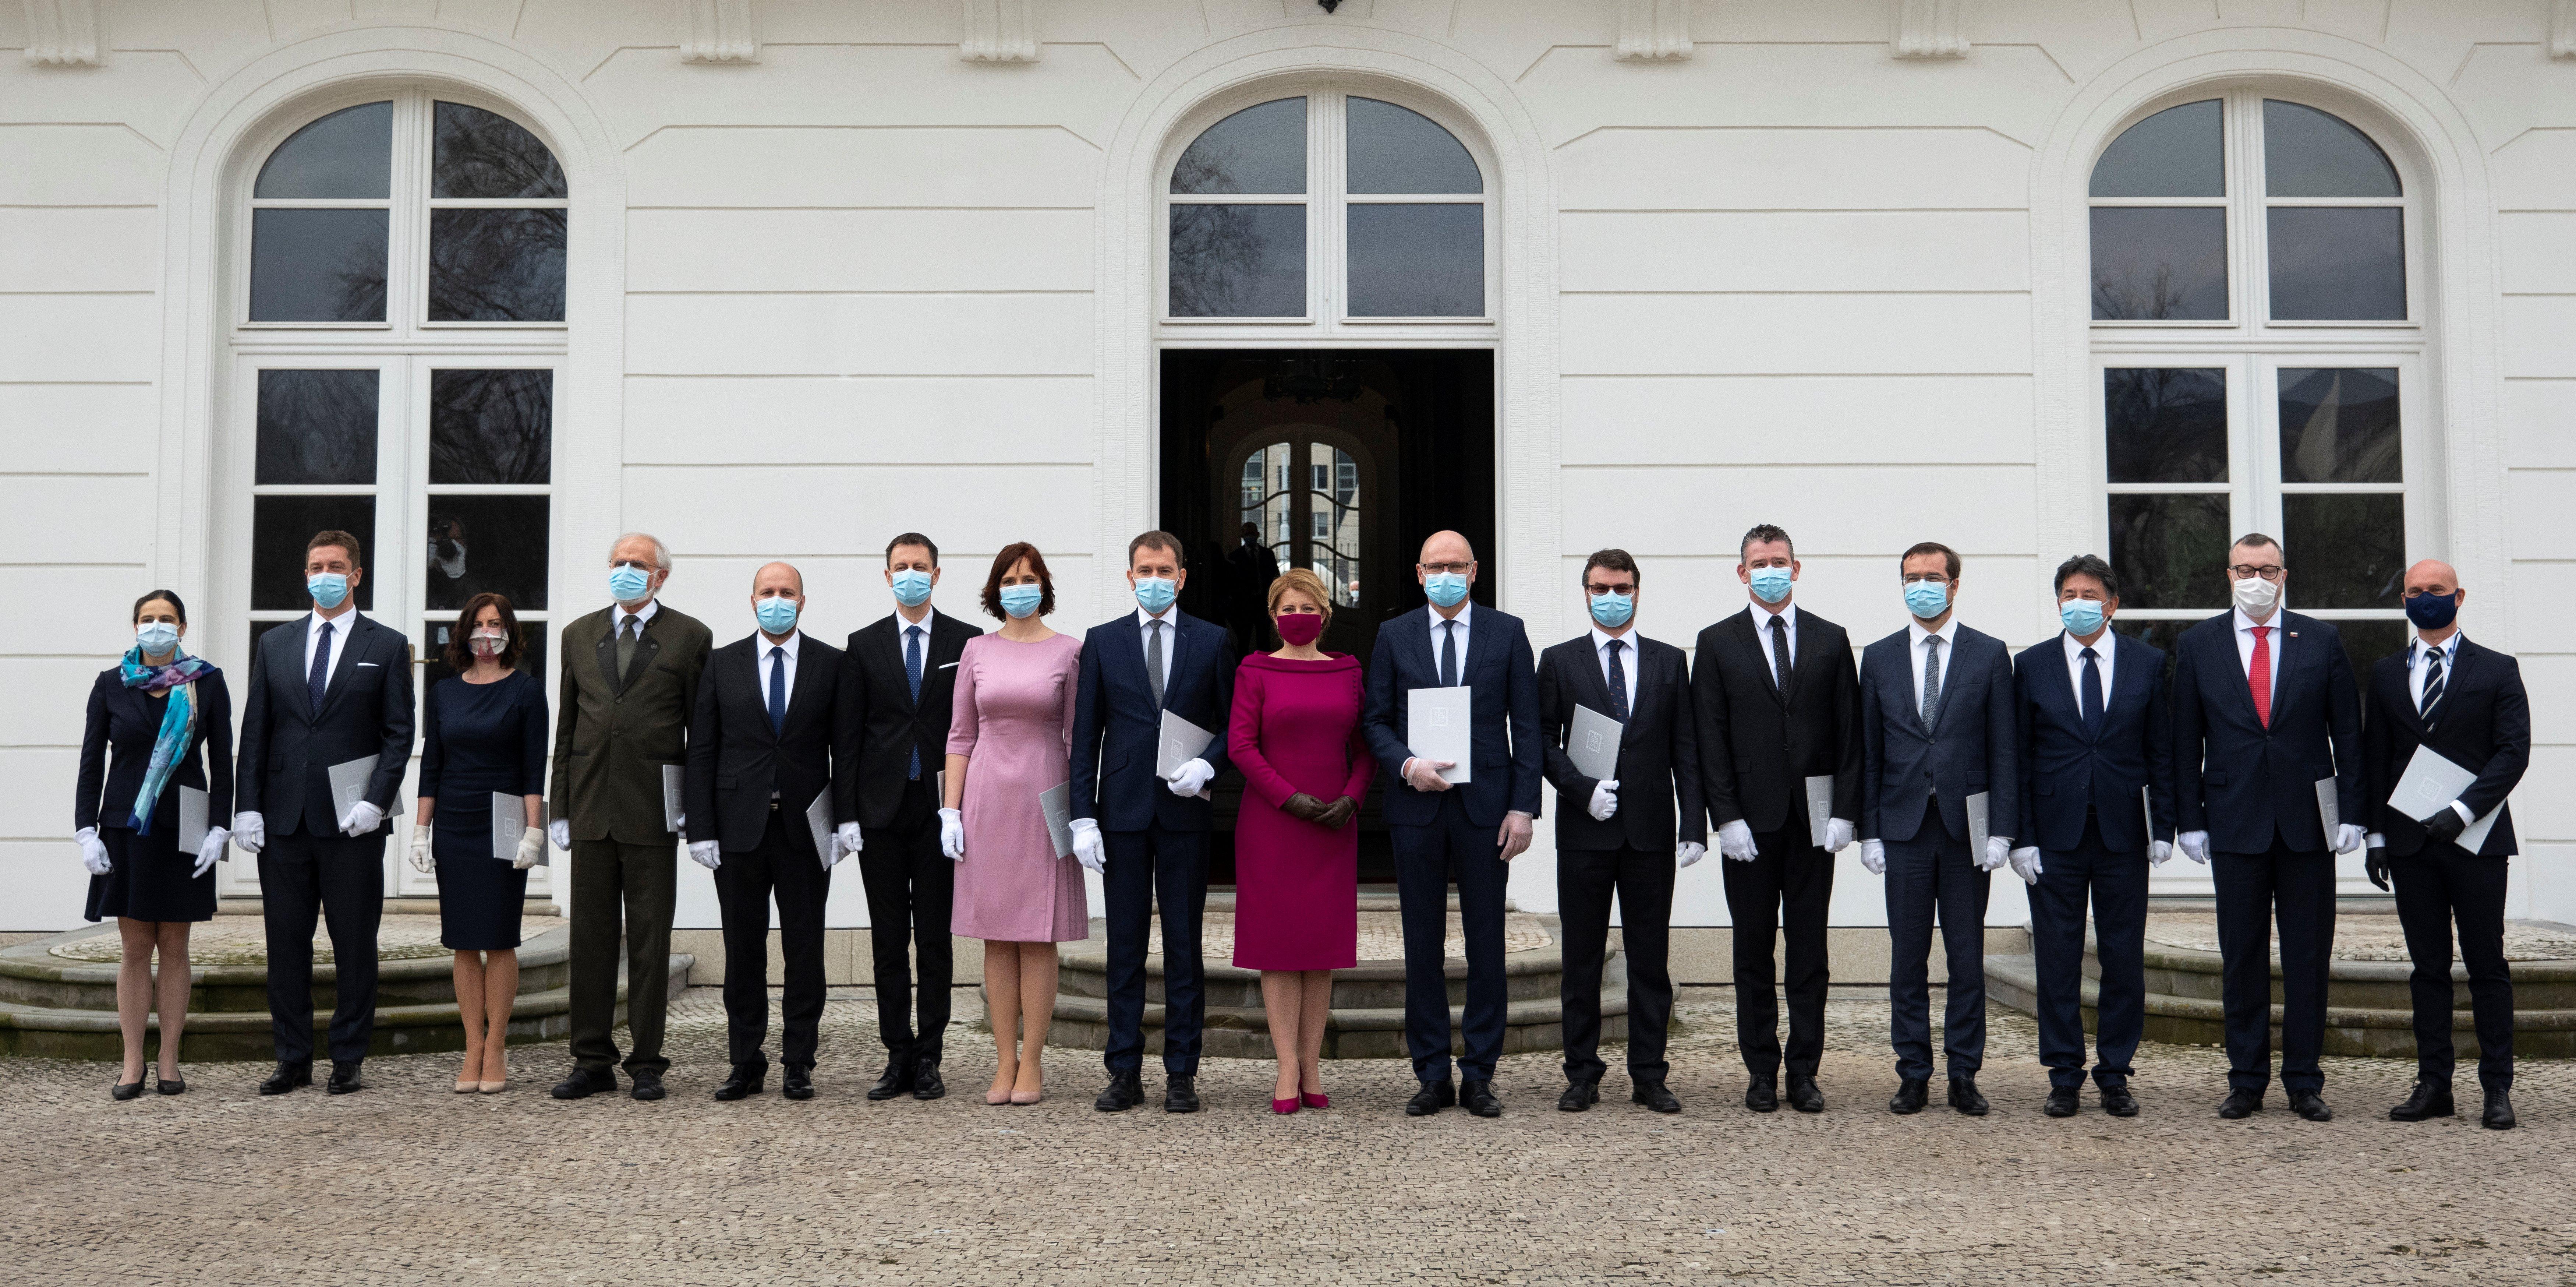 رئيسة سلوفاكيا زوزانا كابوتوا مع حكومتها الجديدة في مارس بقناع وردي مثل لون ثوبها